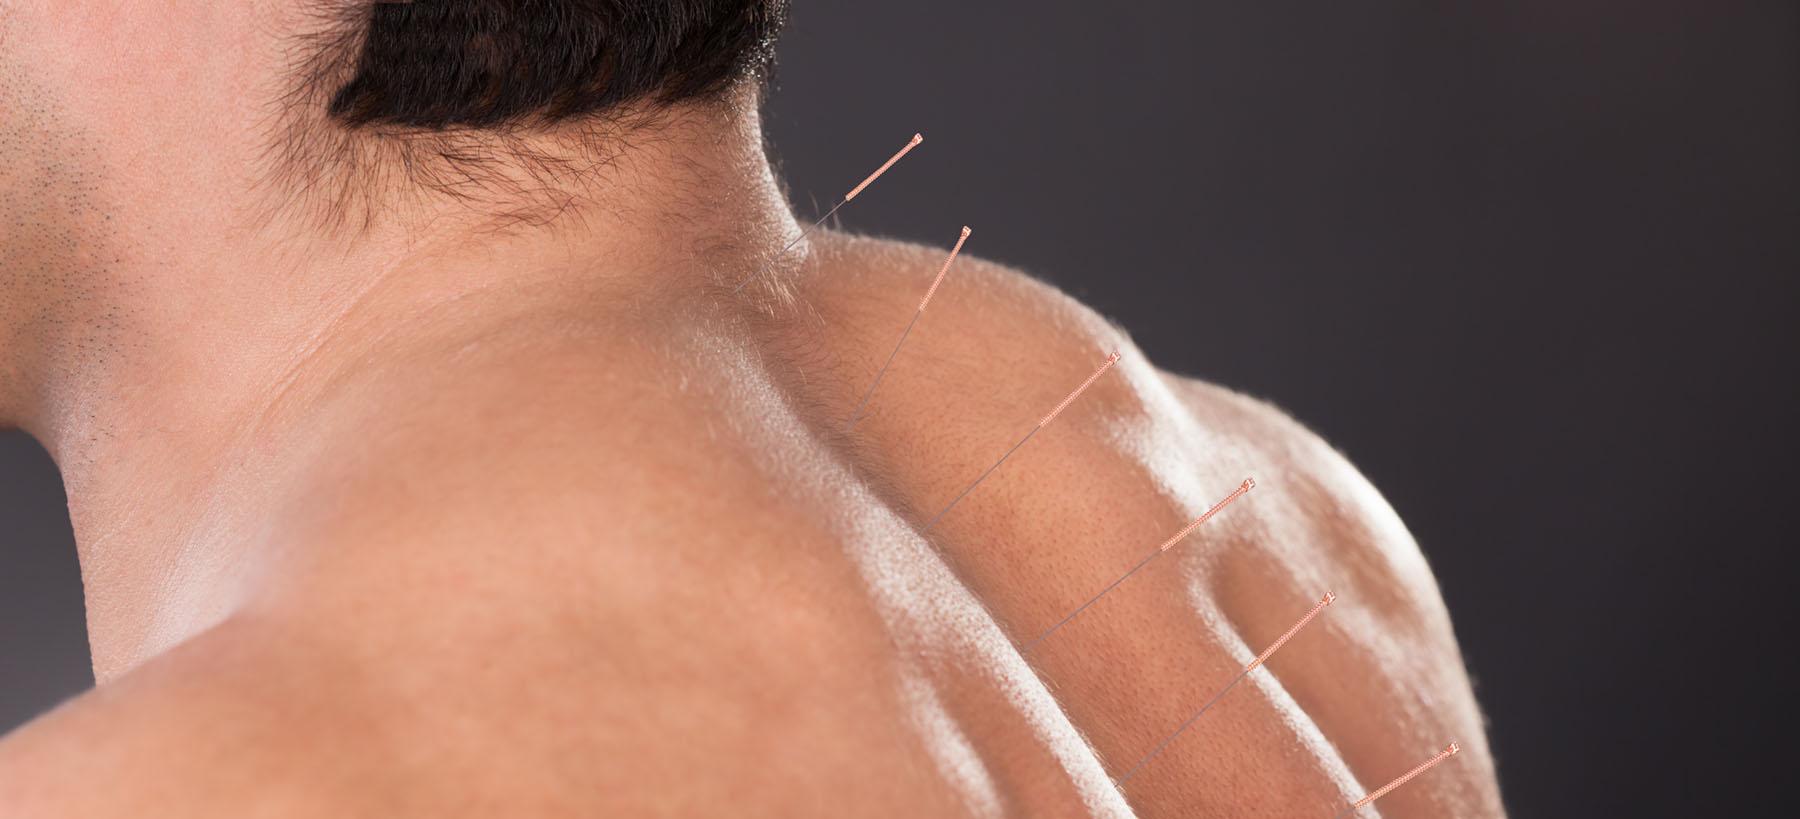 acupuncture-men.jpg